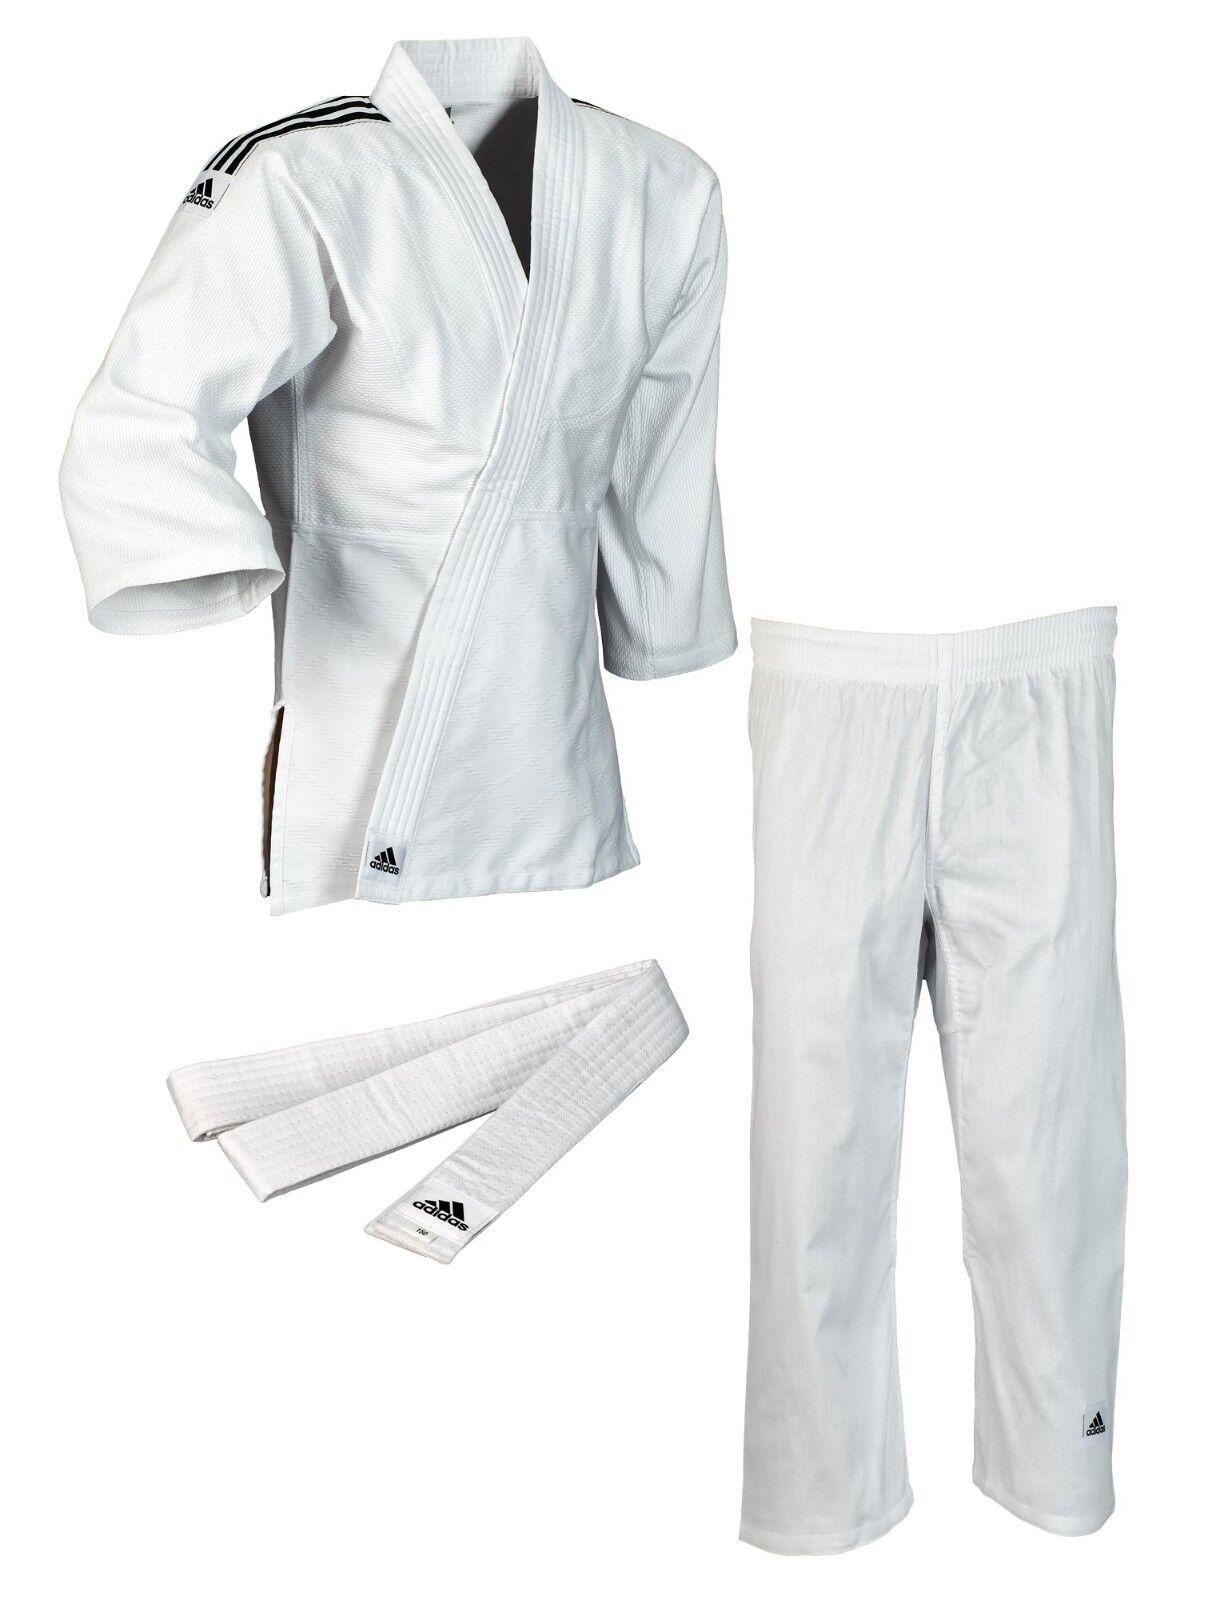 Adidas Judo-Anzug  Club  weiß schwarze Streifen J350 - Judoanzug - Judo Gi